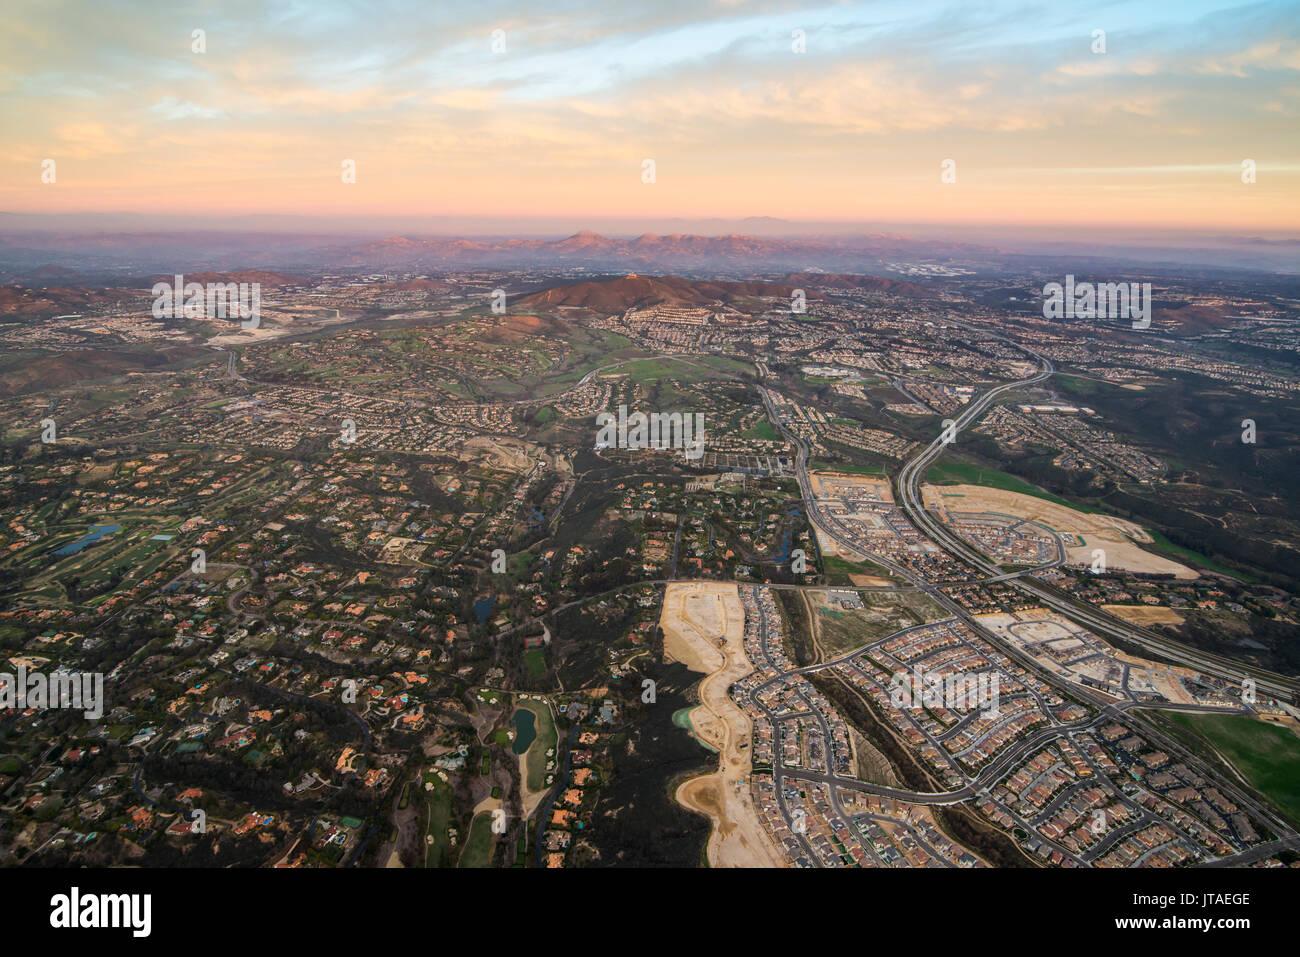 Antenne über Encinitas aus einem Heißluftballon, Kalifornien, Vereinigte Staaten von Amerika, Nordamerika Stockbild